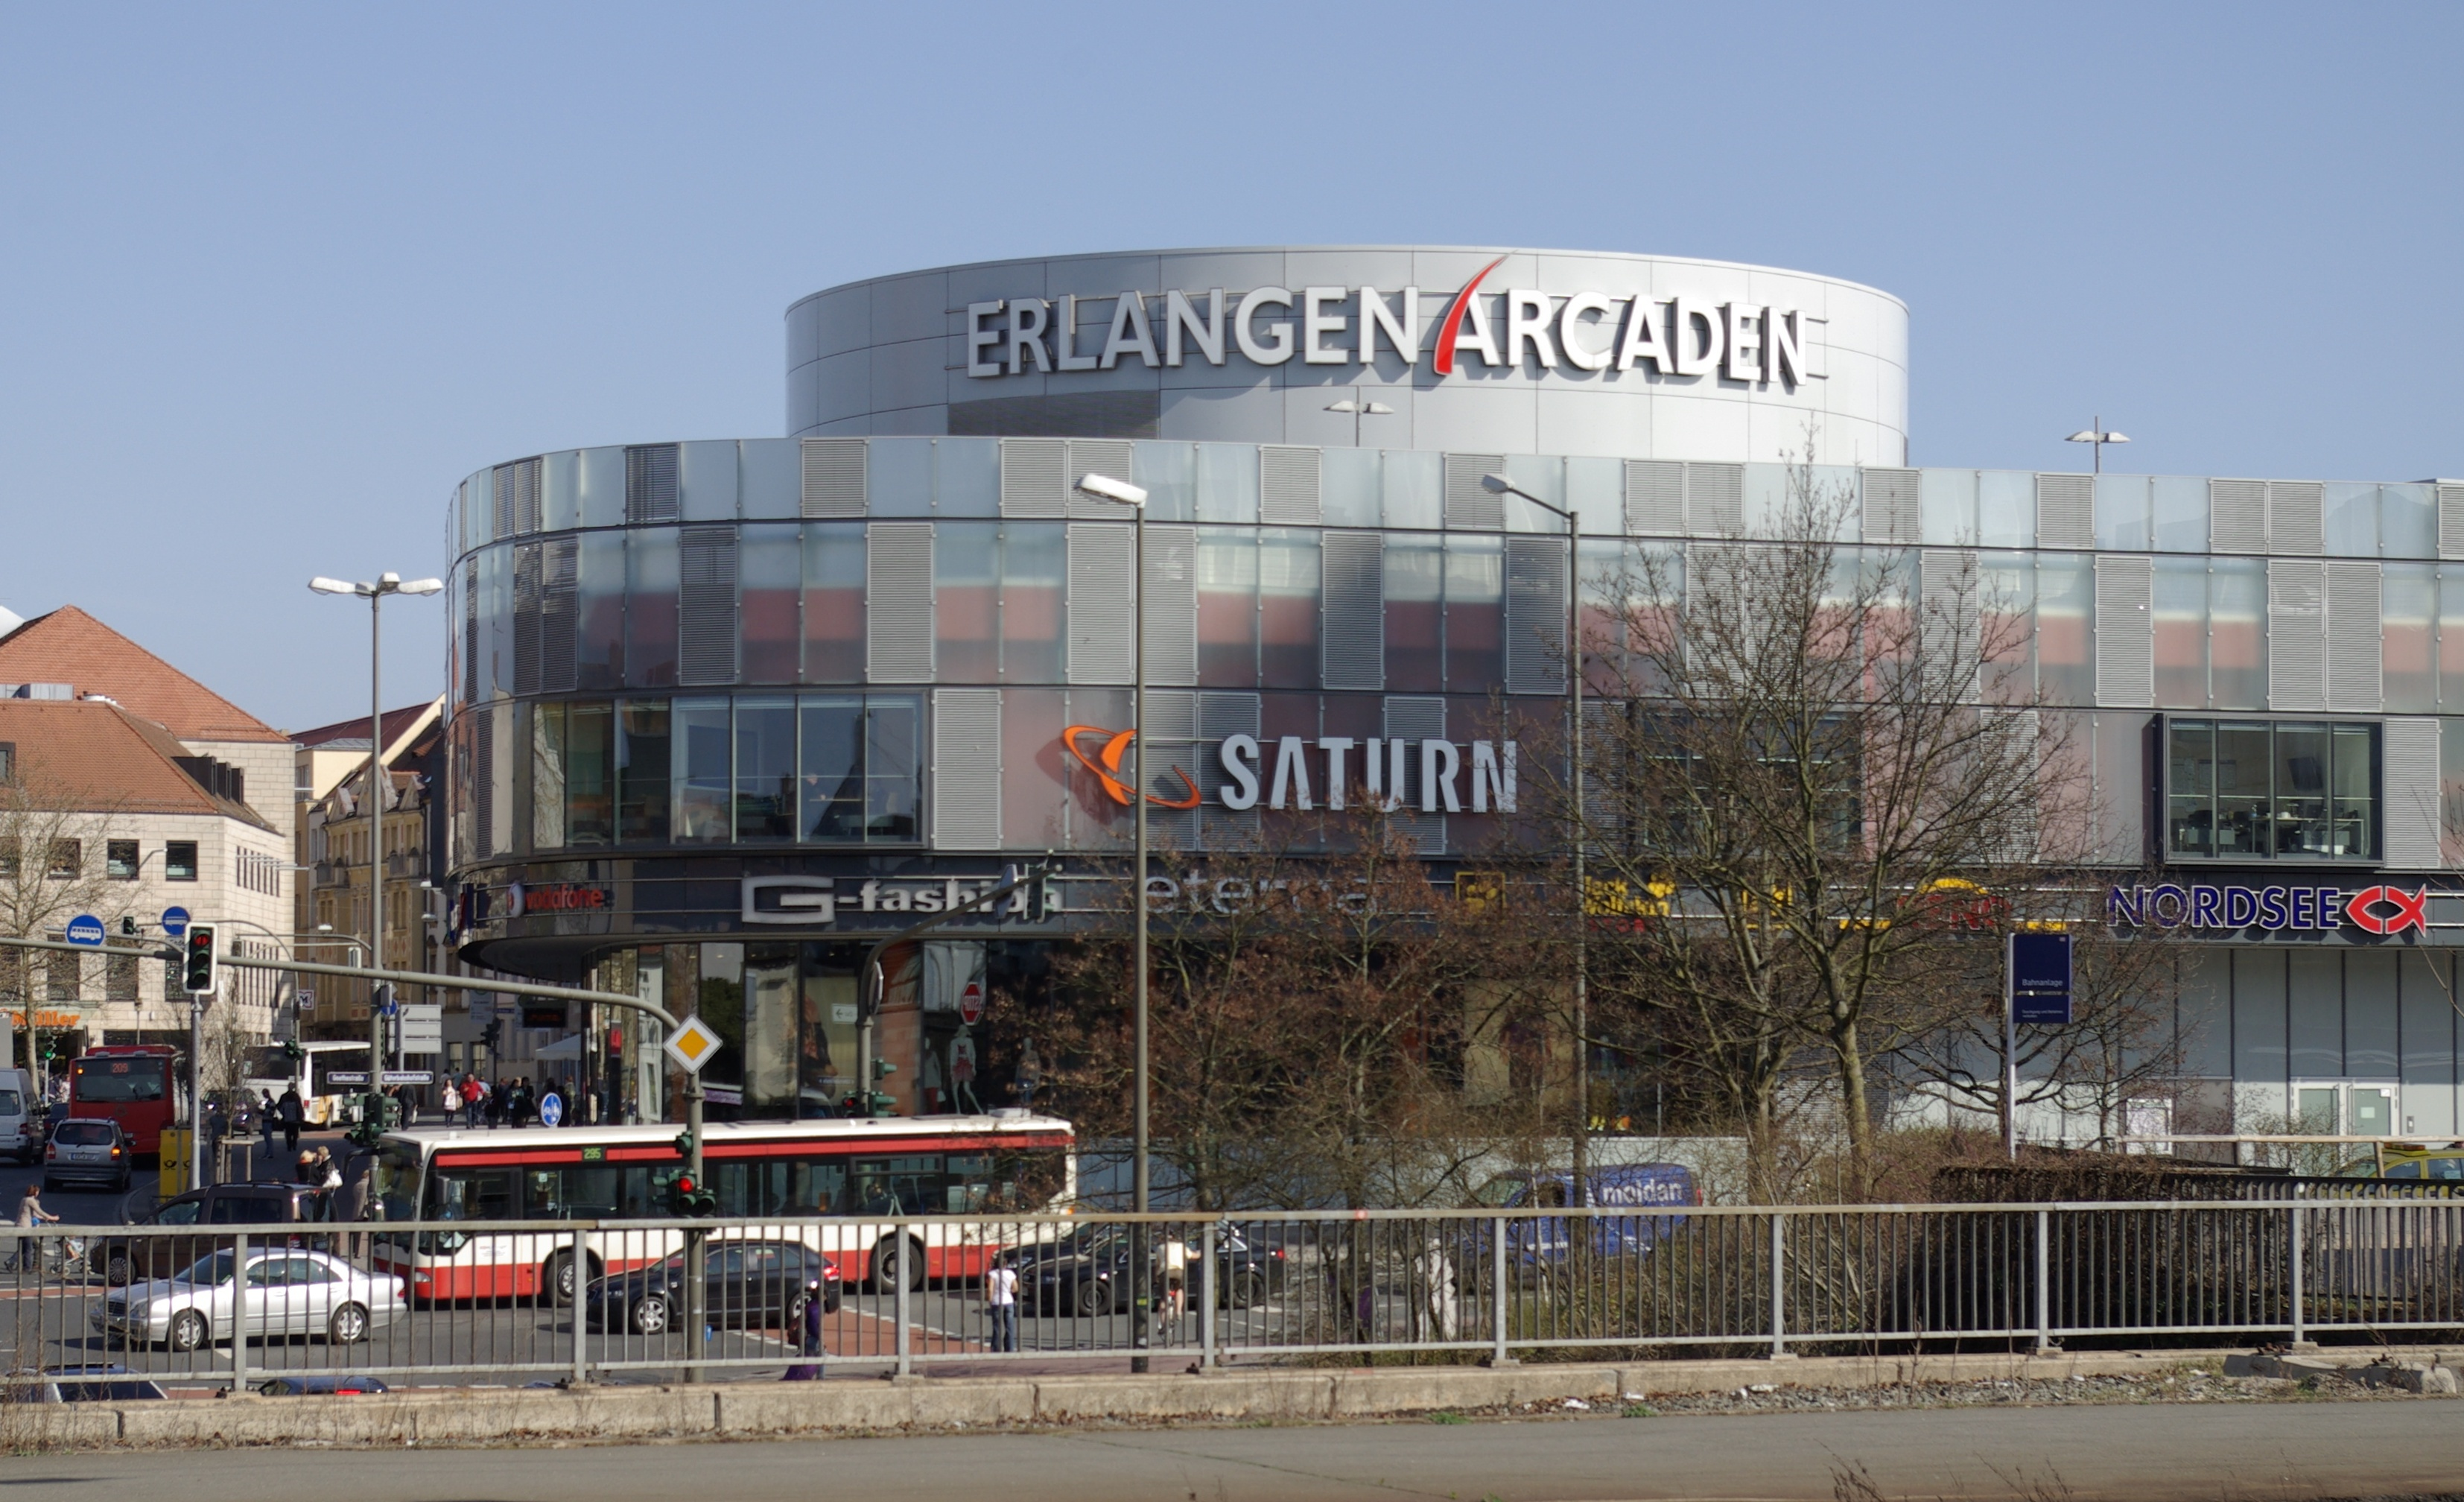 Datei:Erlangen Arcaden 001.JPG – Wikipedia